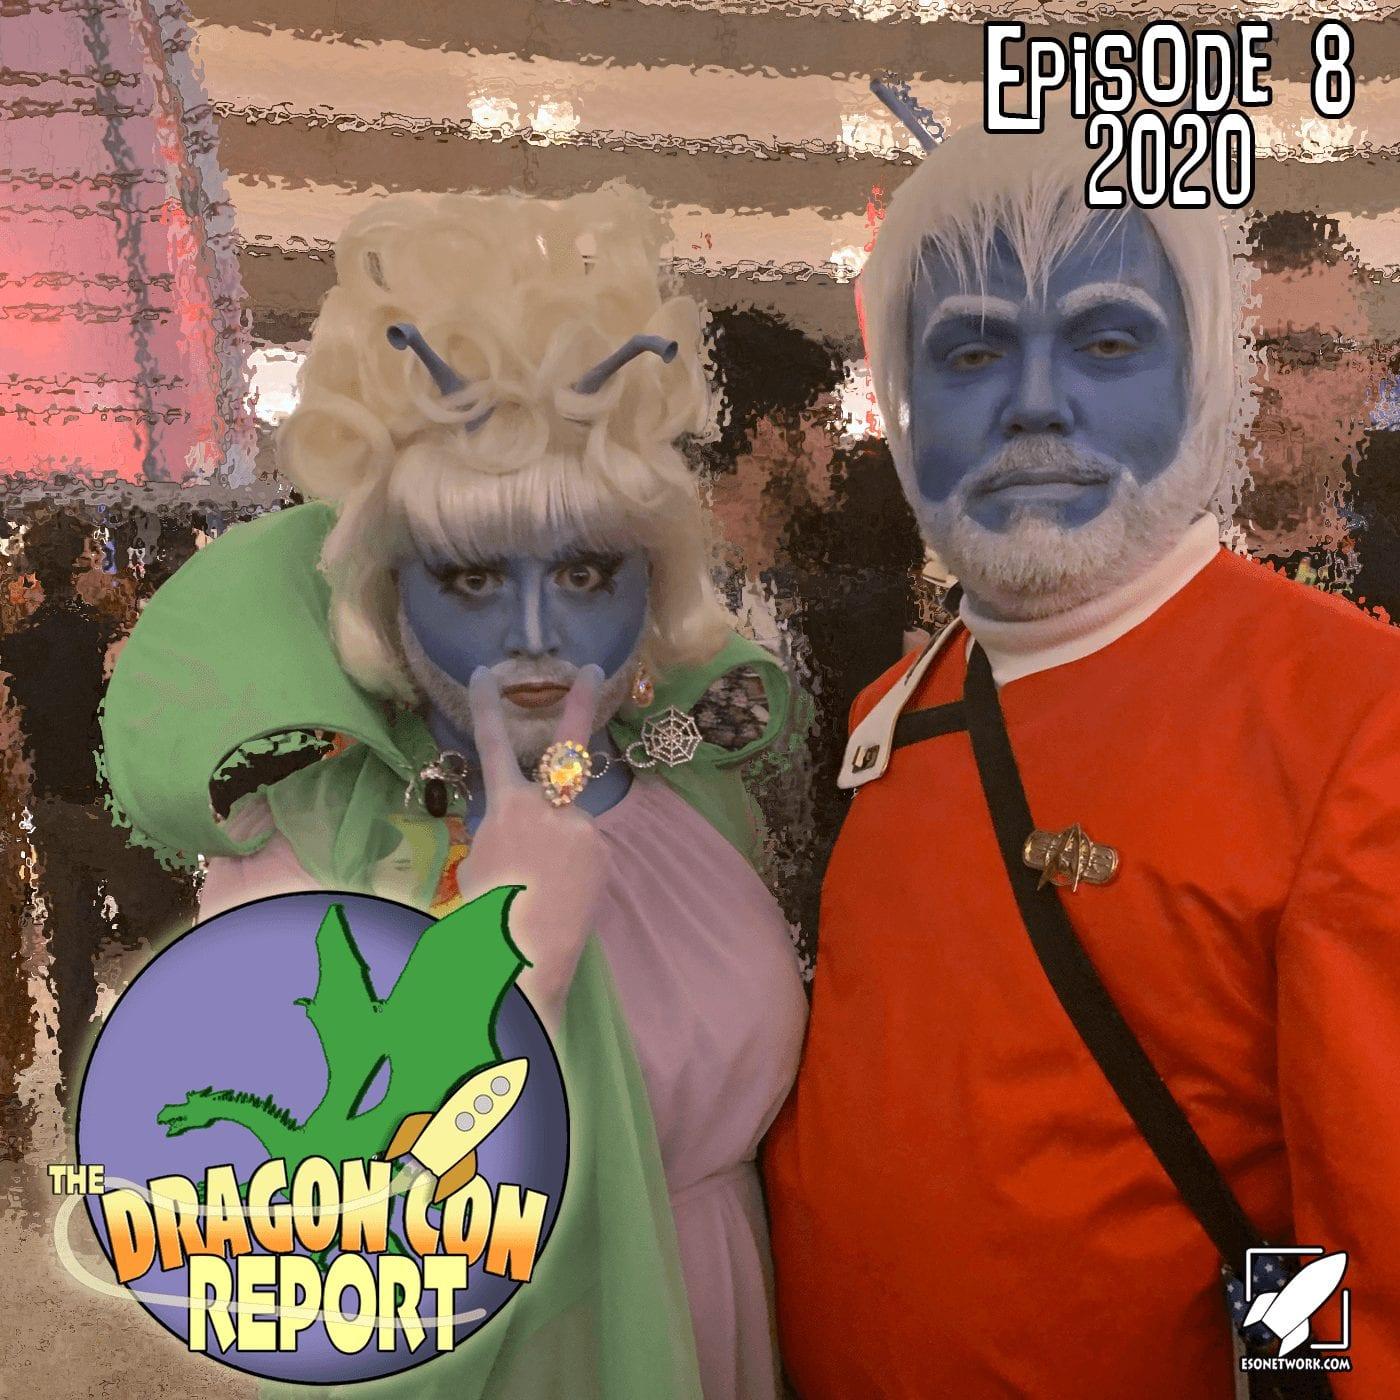 The 2020 Dragon Con Report Ep 8